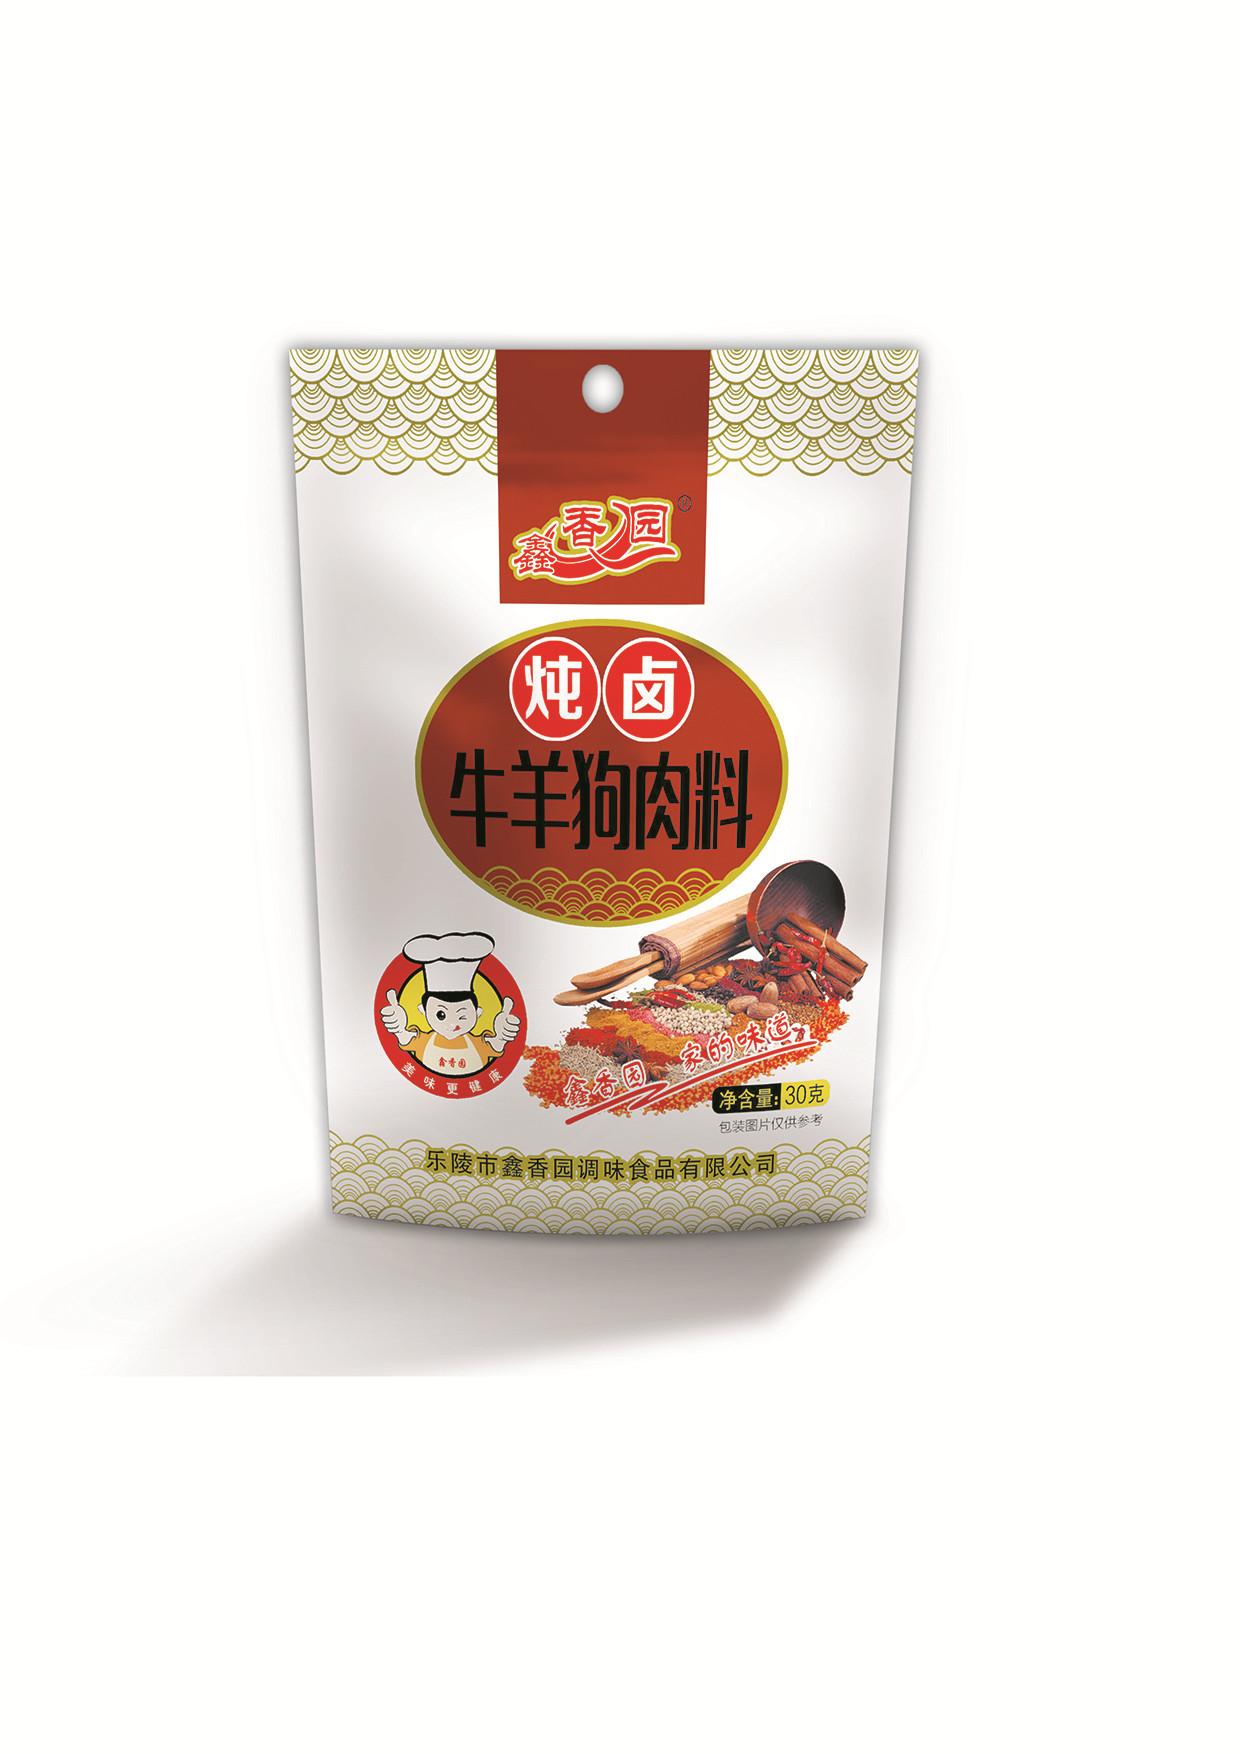 30克炖(卤)牛羊狗肉料